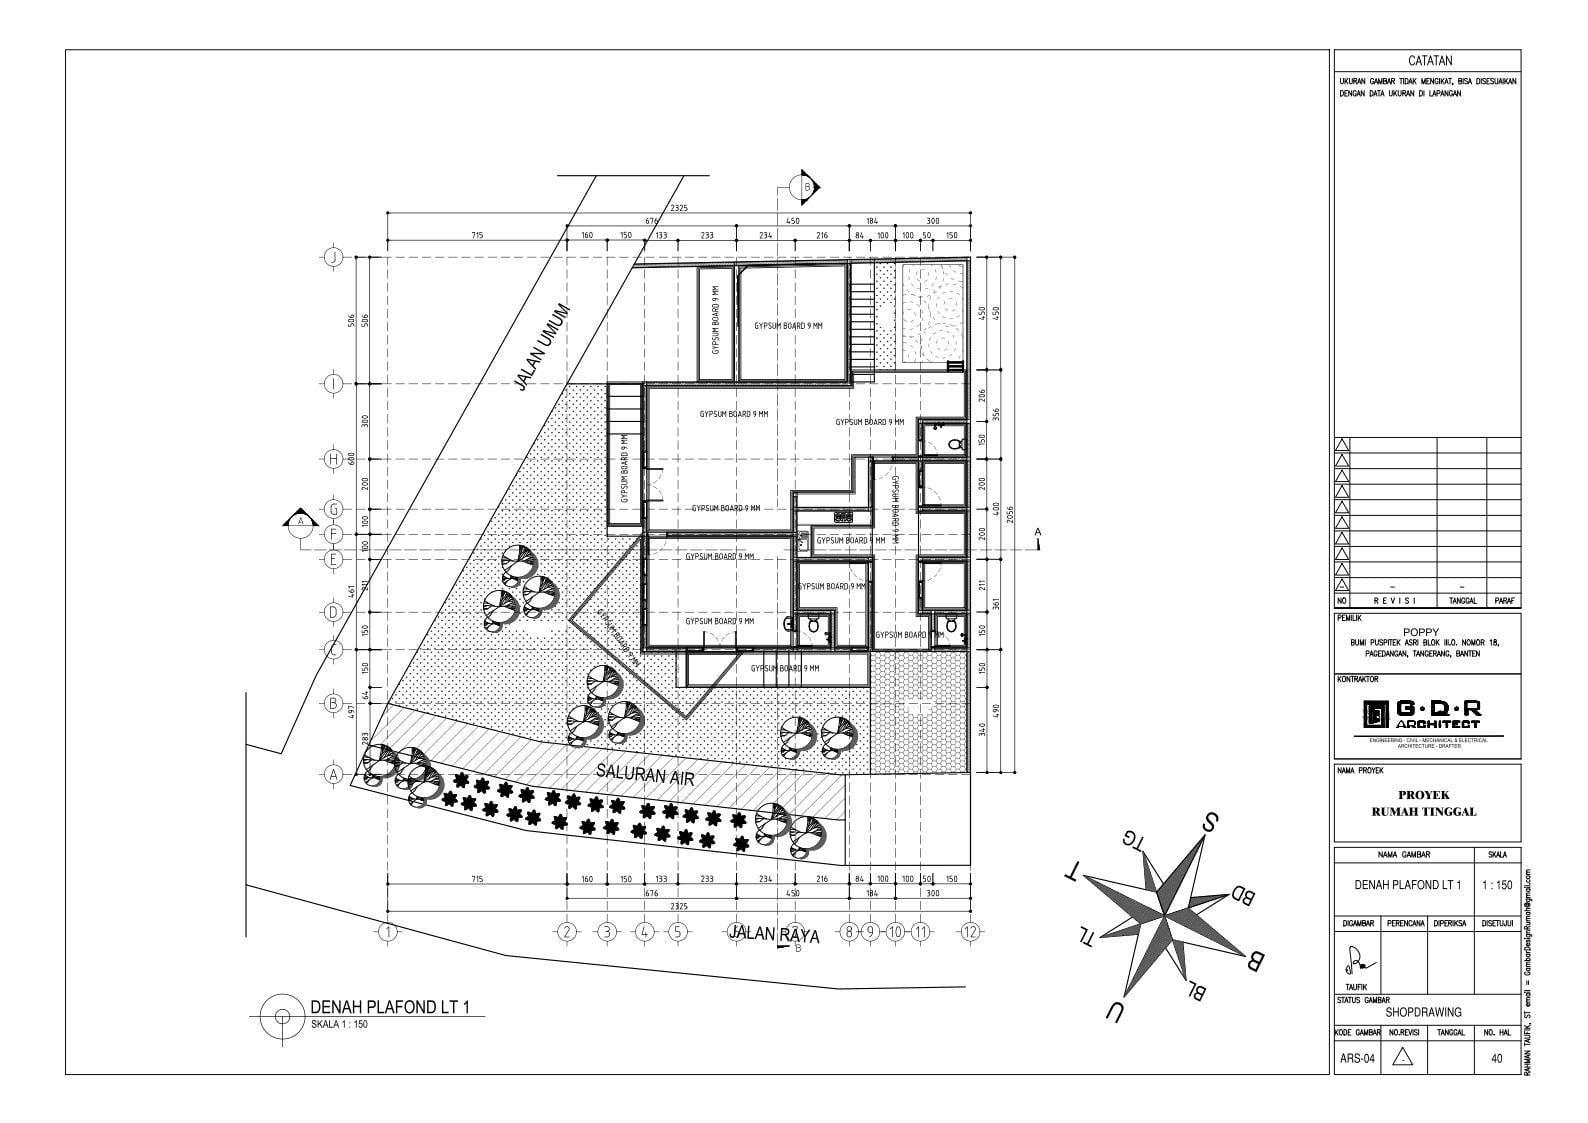 Jasa Desain Rumah Contoh Paket Gambar Kerja 40 DENAH PLAFOND LT 1